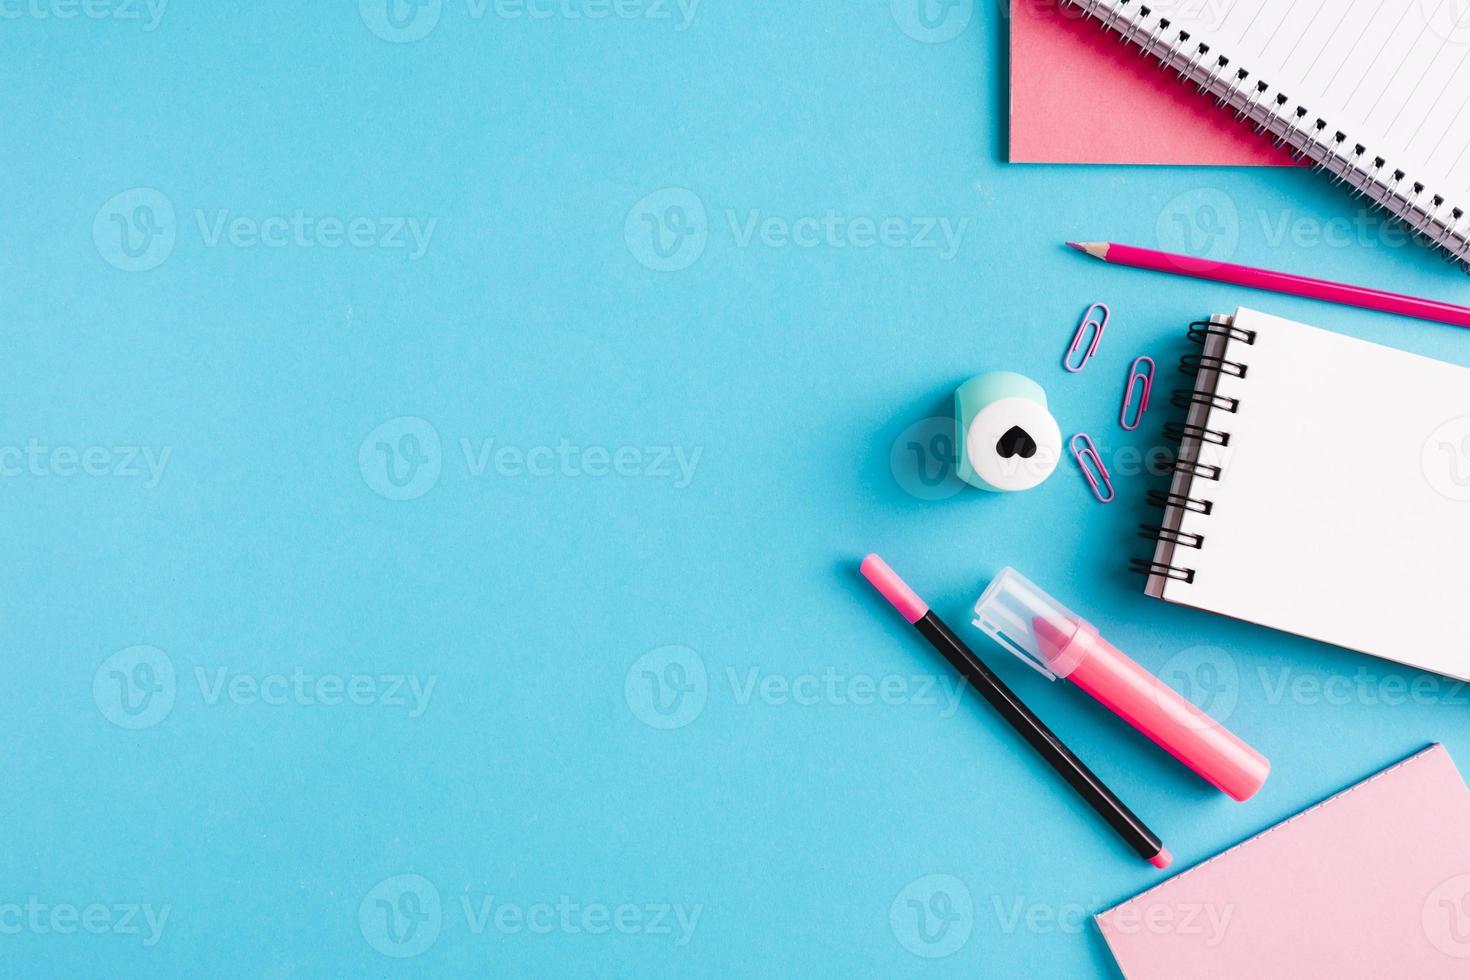 Composición con escritorio de herramientas de oficina sobre fondo azul. foto